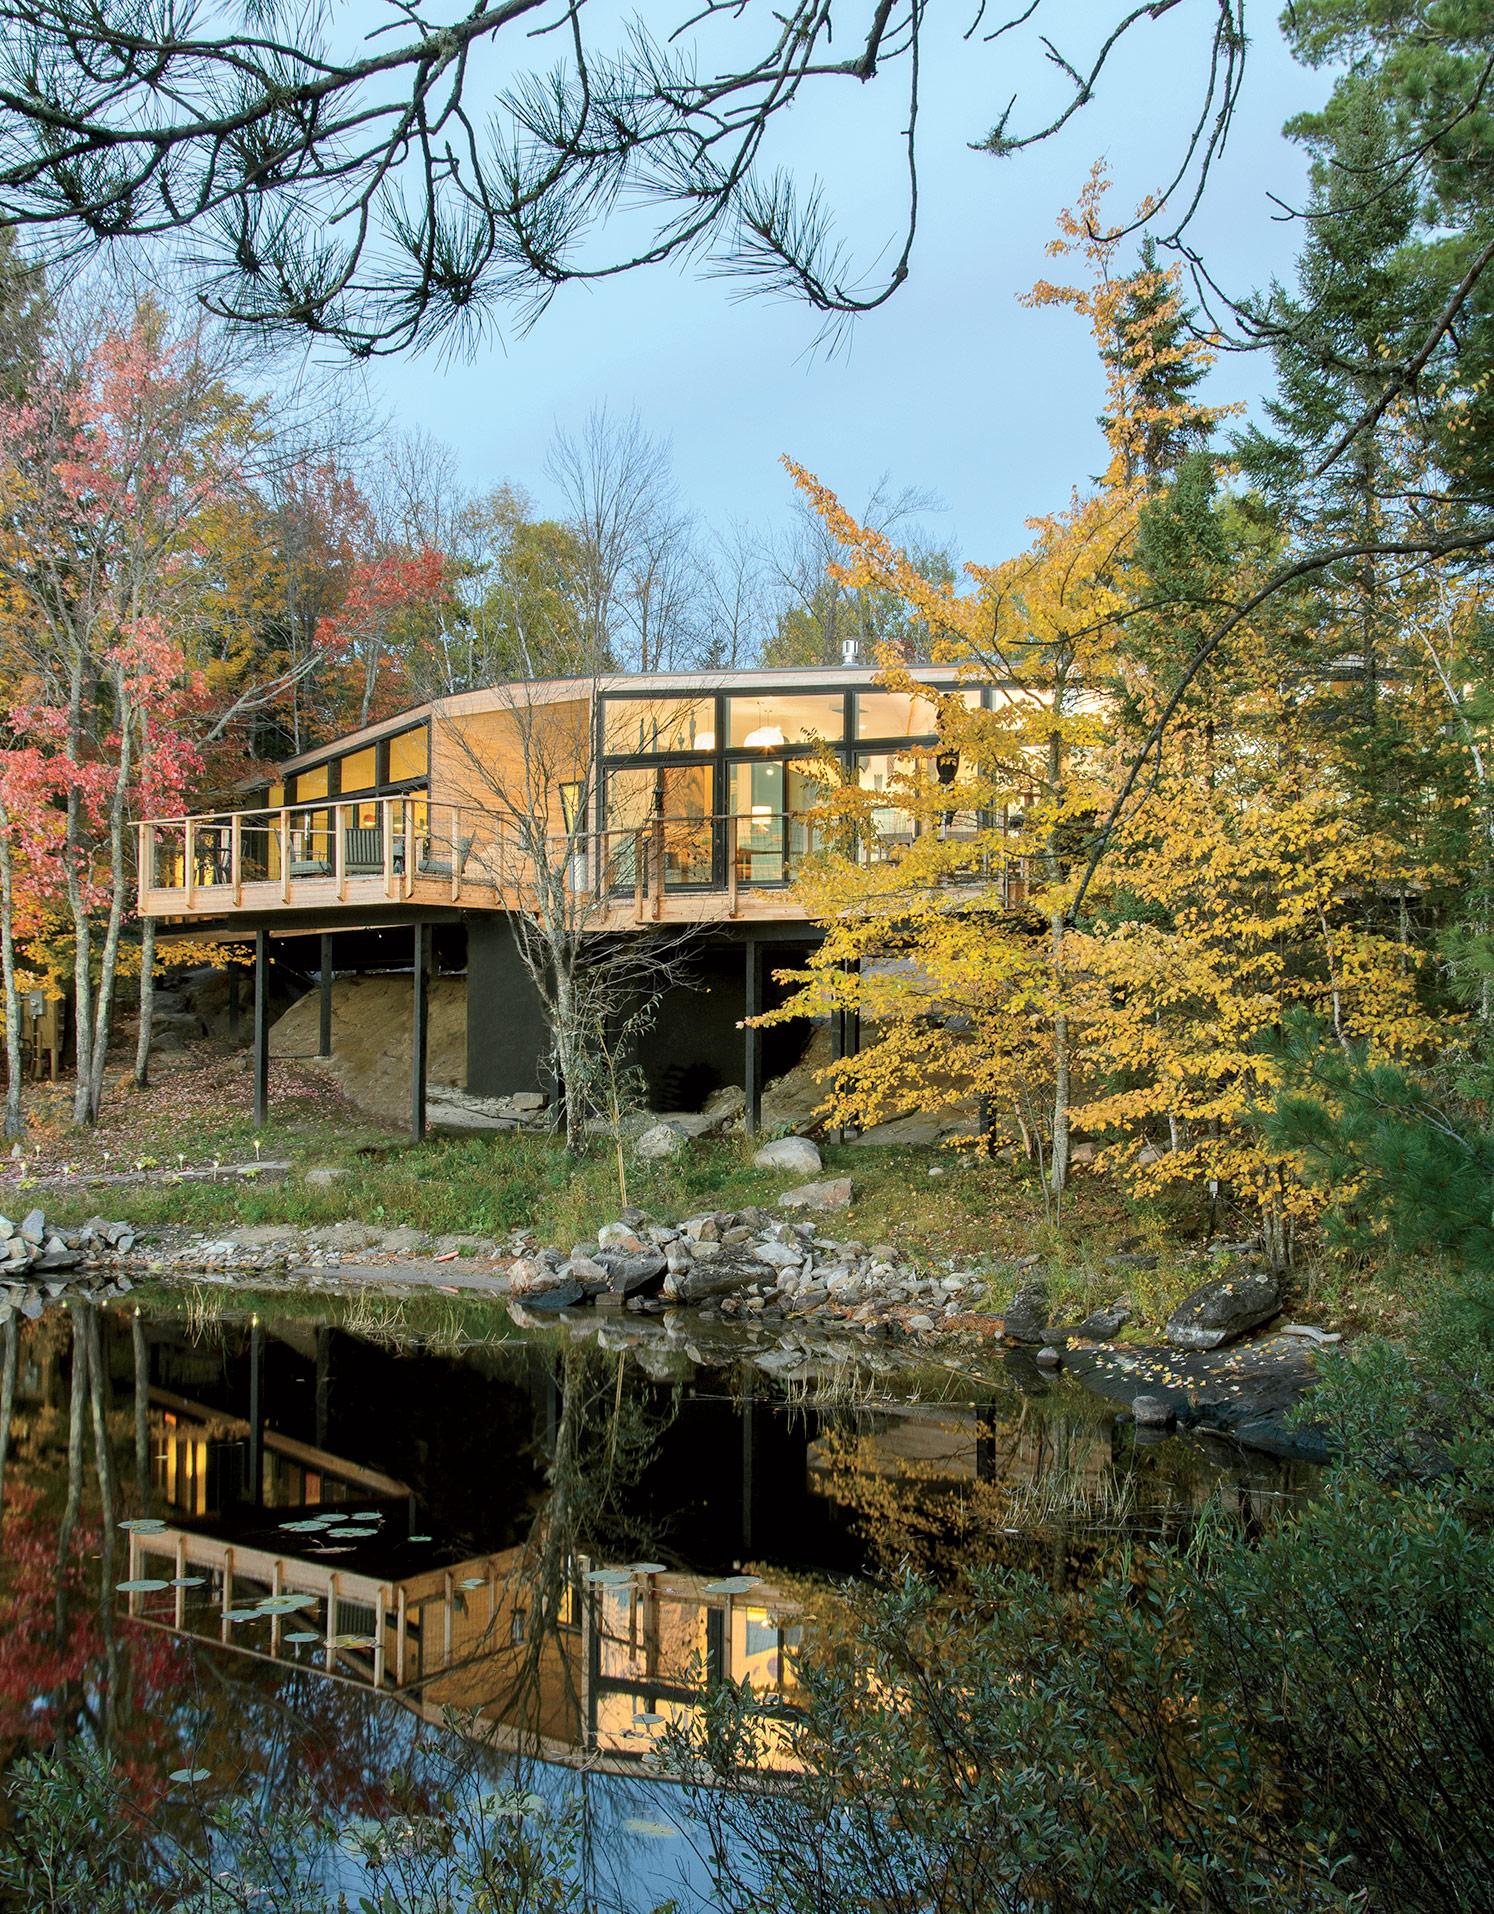 Modern prefab lakeside home in Ontario, Canada facade